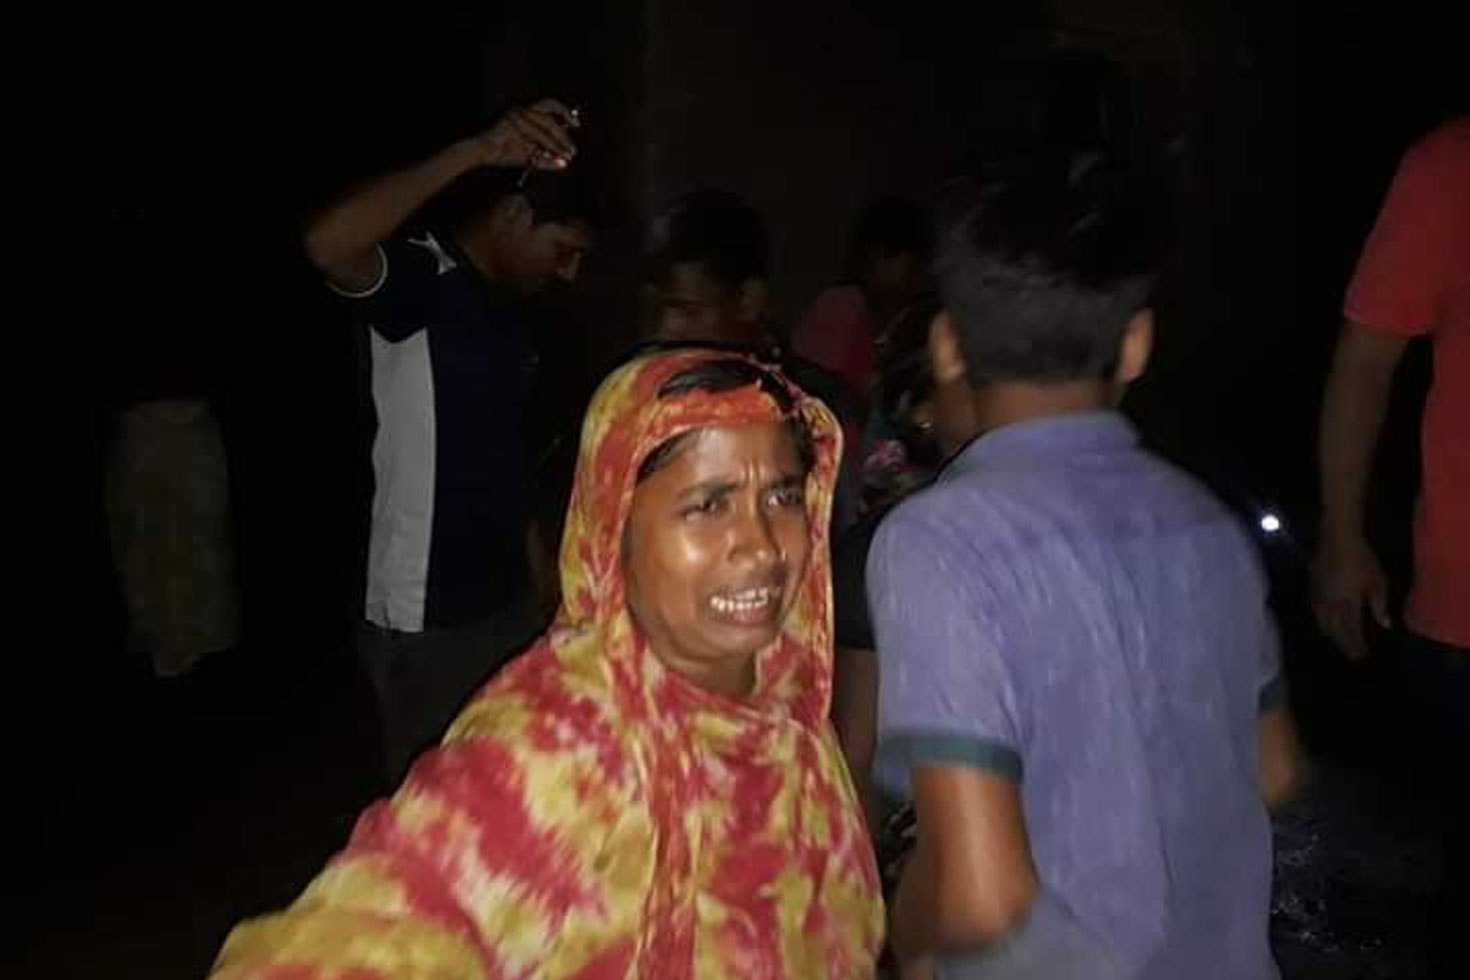 প্রধানমন্ত্রীর আসন বেছেই পীরগঞ্জে হামলা: তথ্যমন্ত্রী